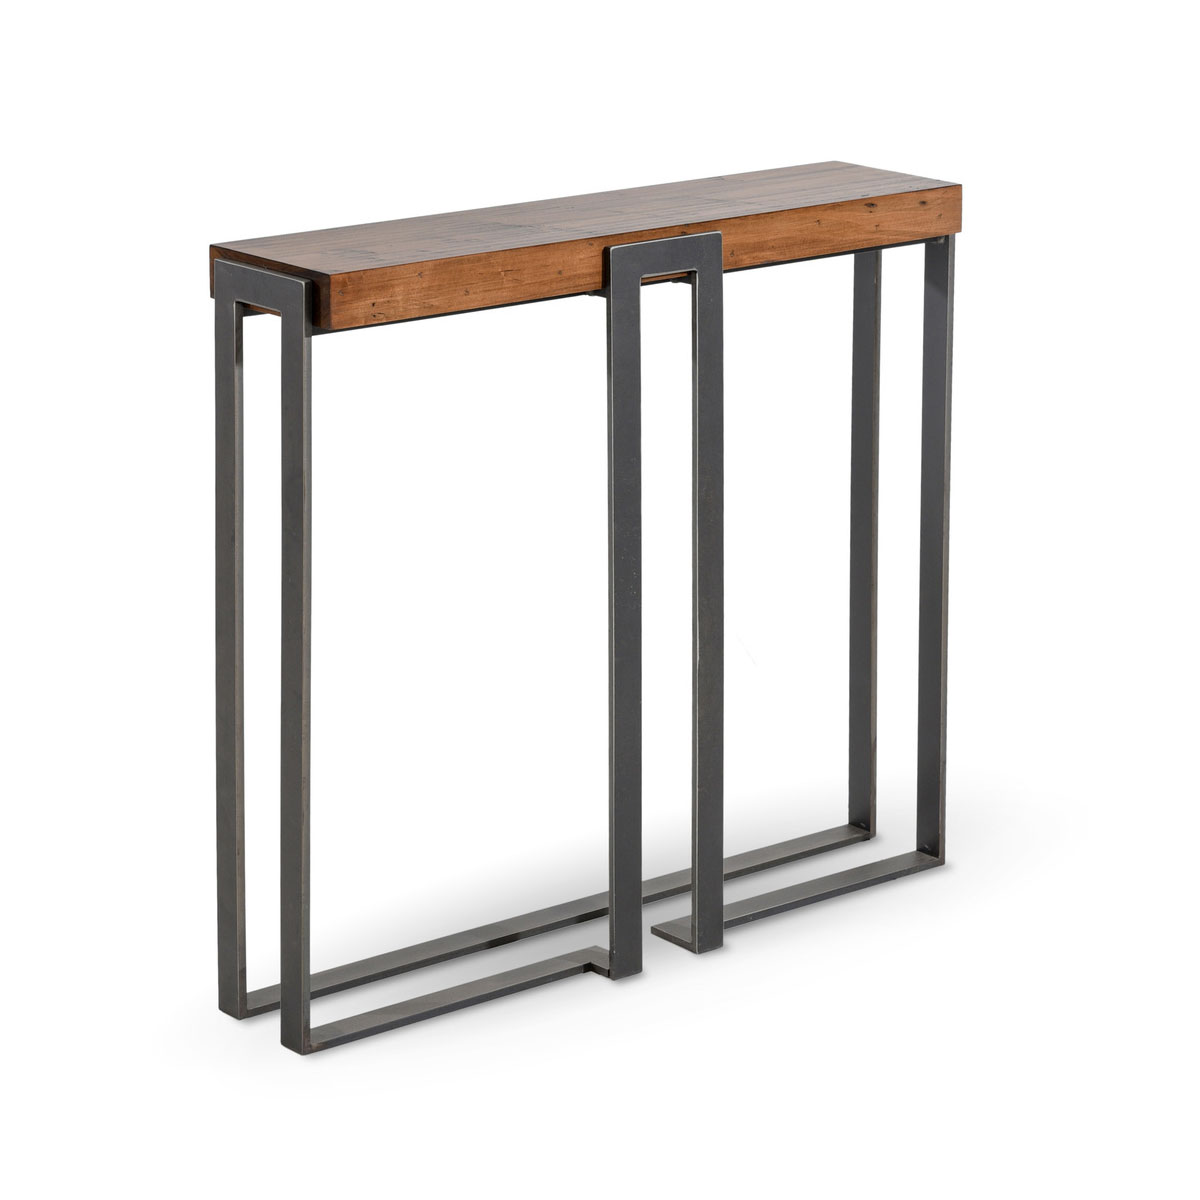 Watson Collection Ohio Hardwood Upholstered Furniture